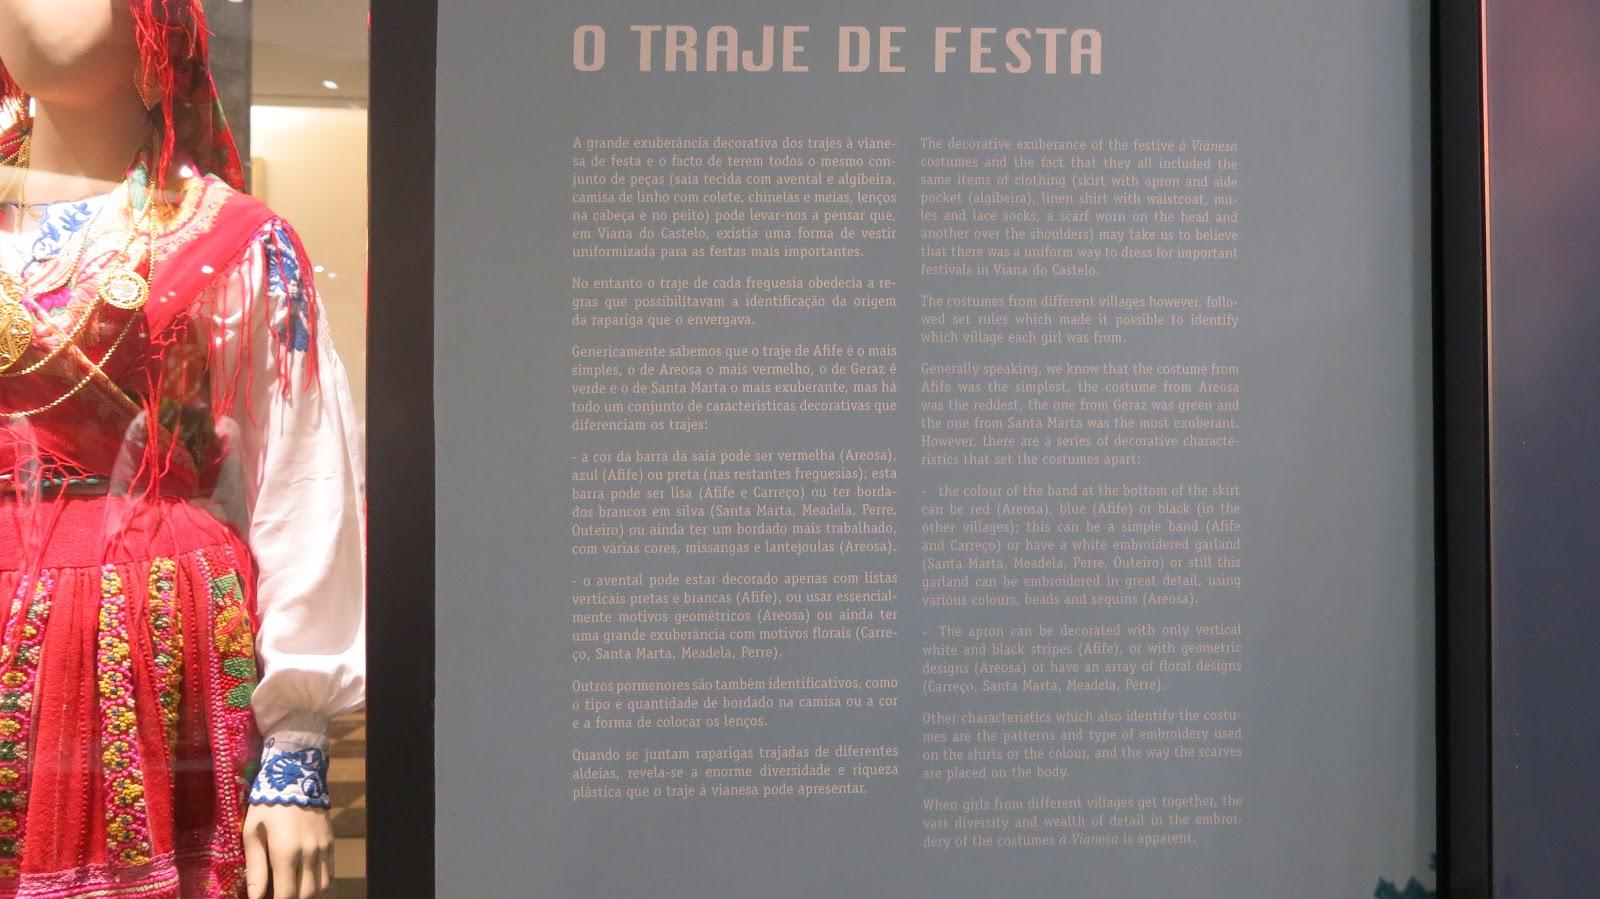 fab9cd386c Conhecendo o Museu do Traje em Viana do Castelo